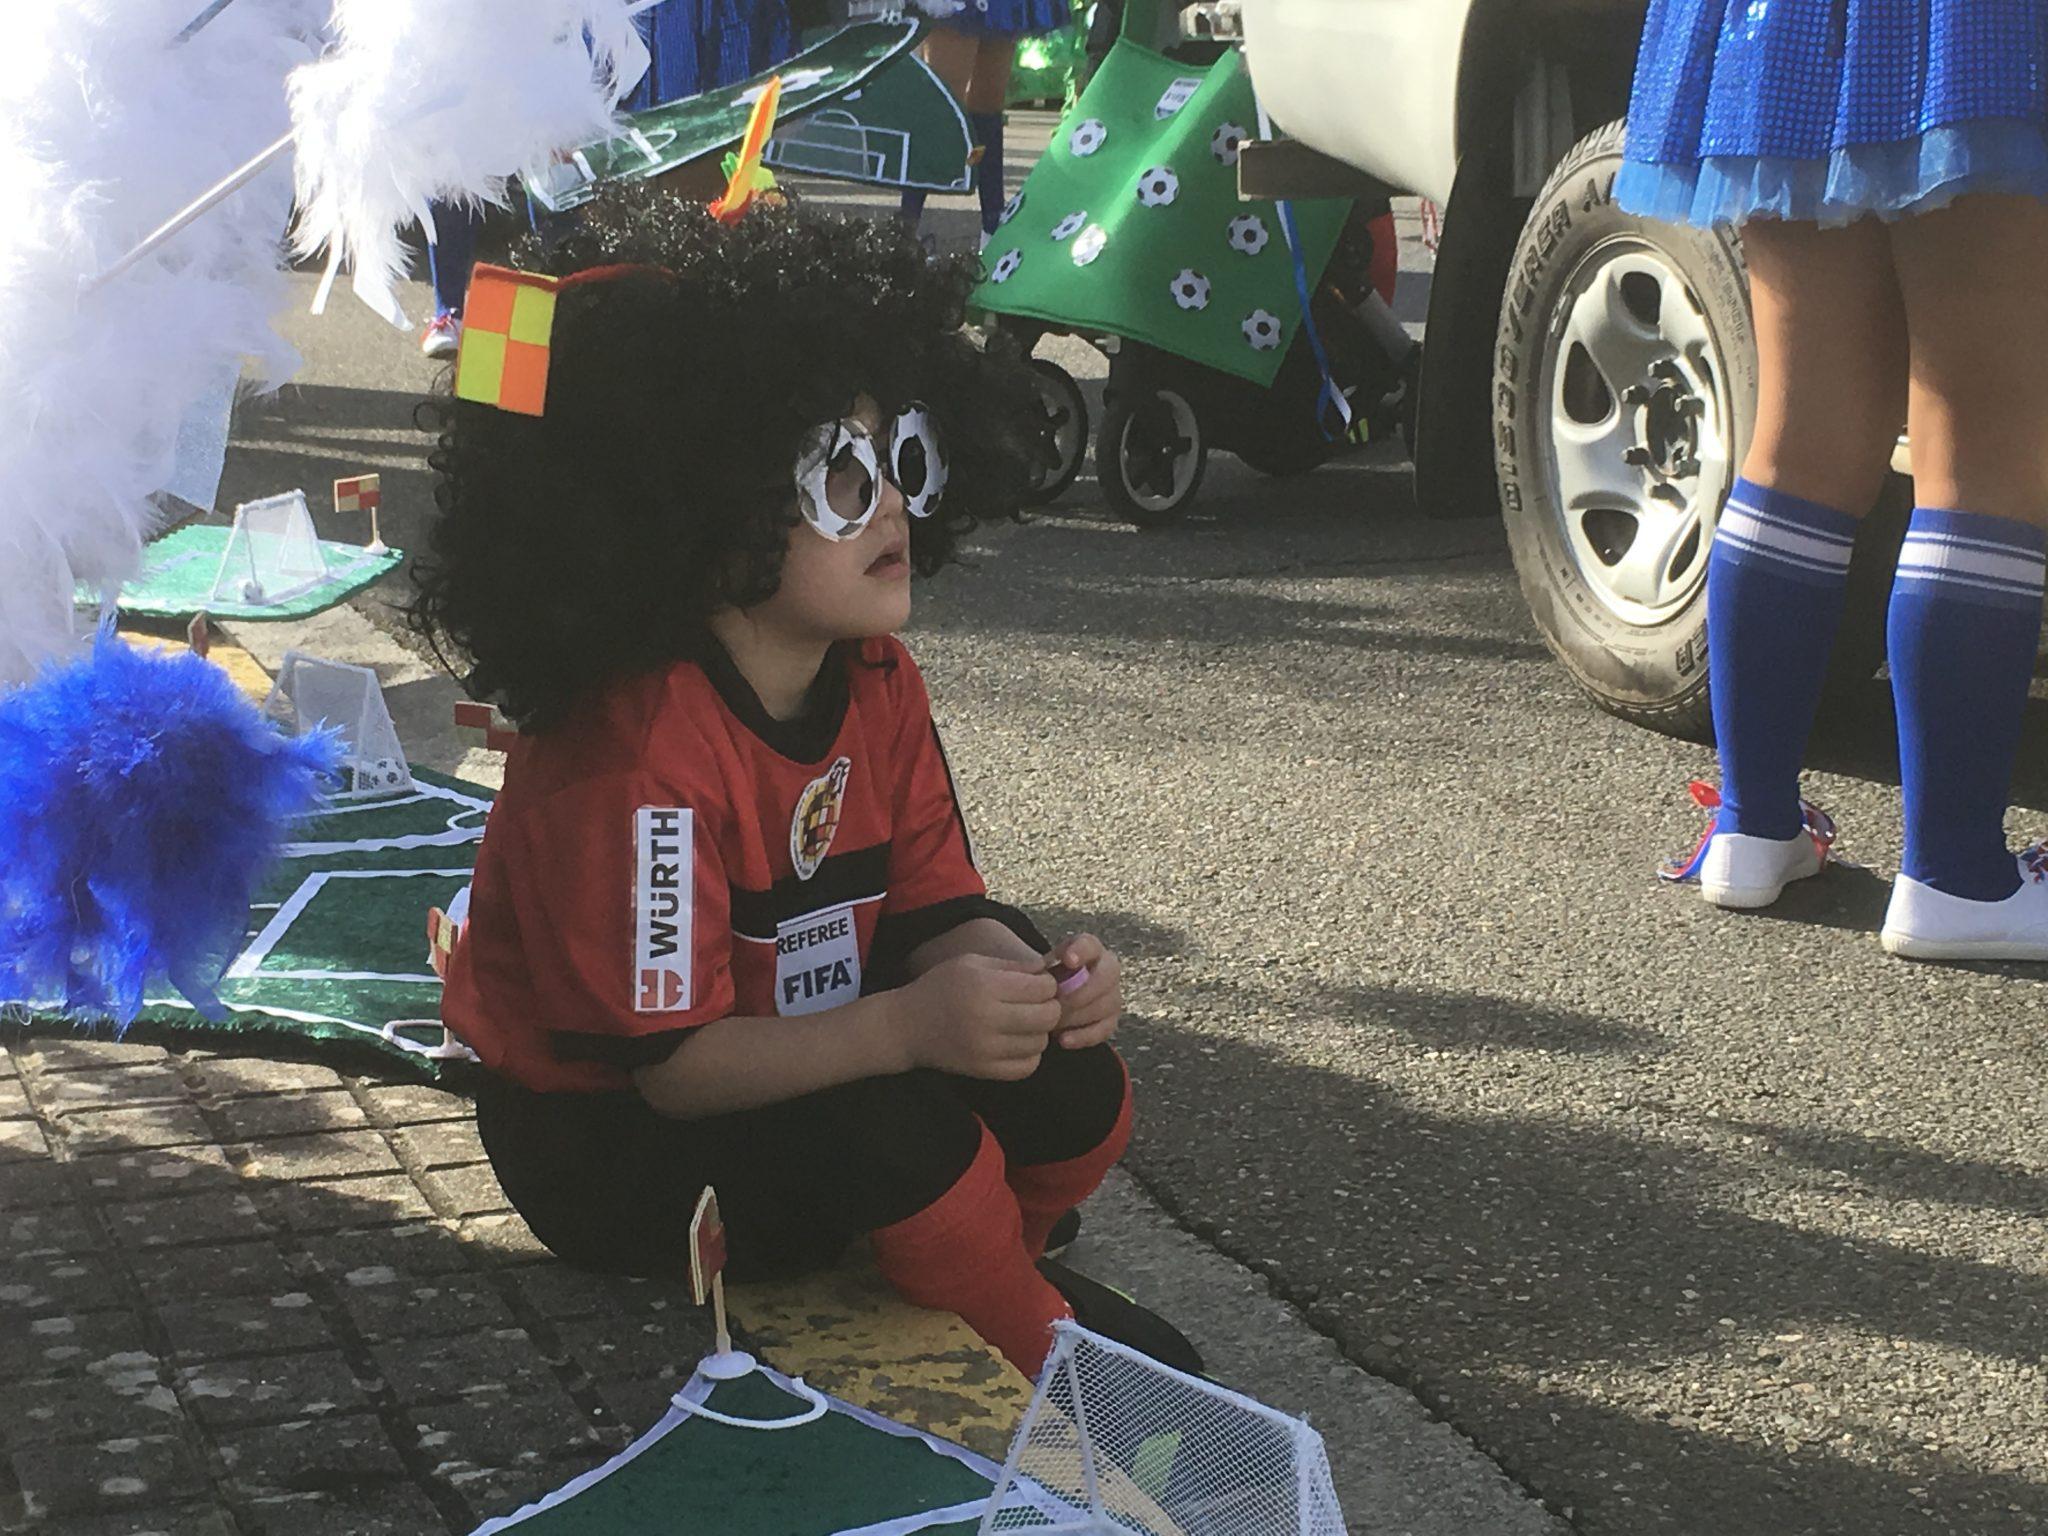 Desfile de Carnaval Cubillos del Sil 2019 - Álbum de fotos 54